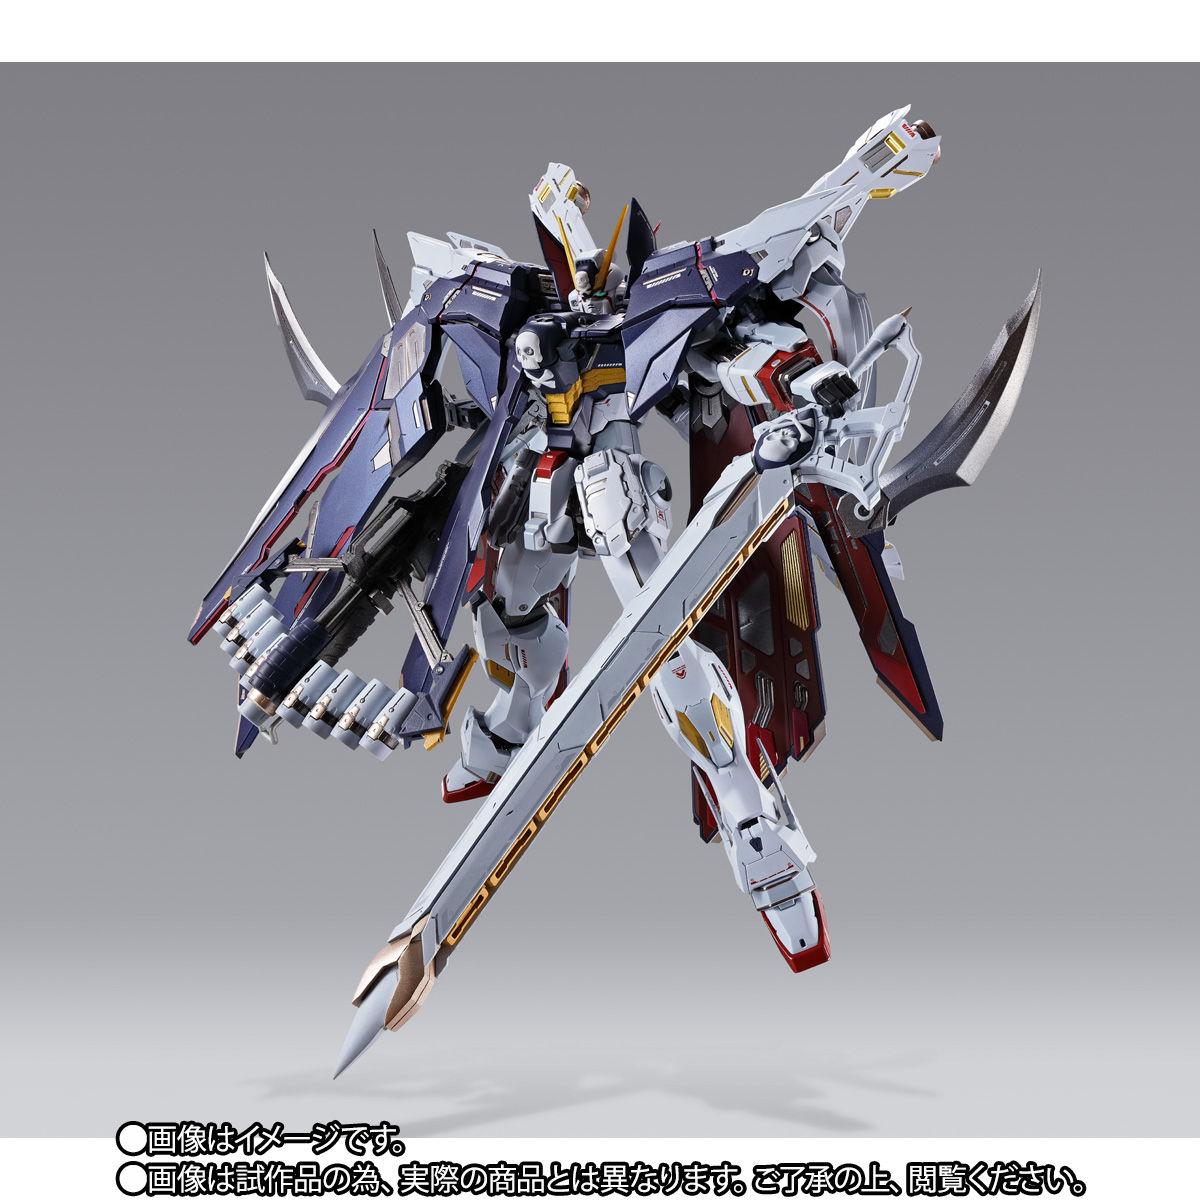 METAL BUILD『クロスボーン・ガンダムX1 フルクロス』機動戦士クロスボーン・ガンダム 可動フィギュア-002